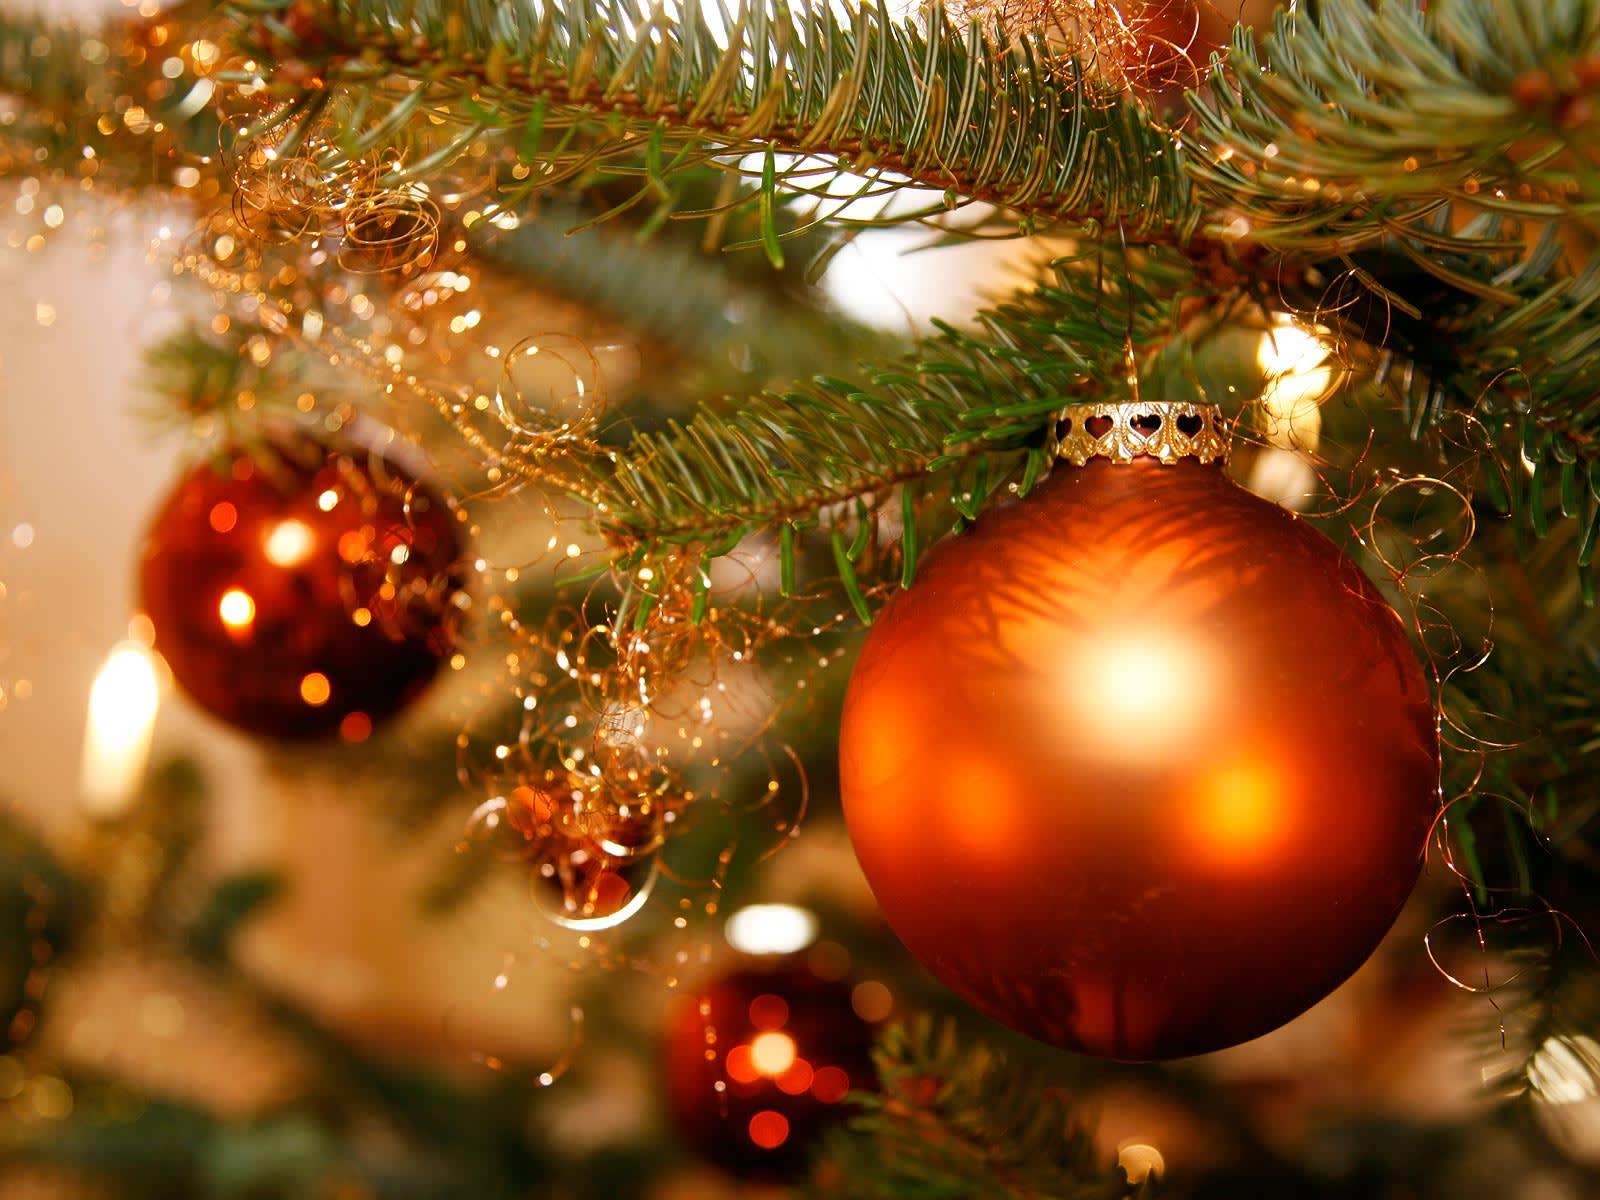 Adlerbad Weihnachten